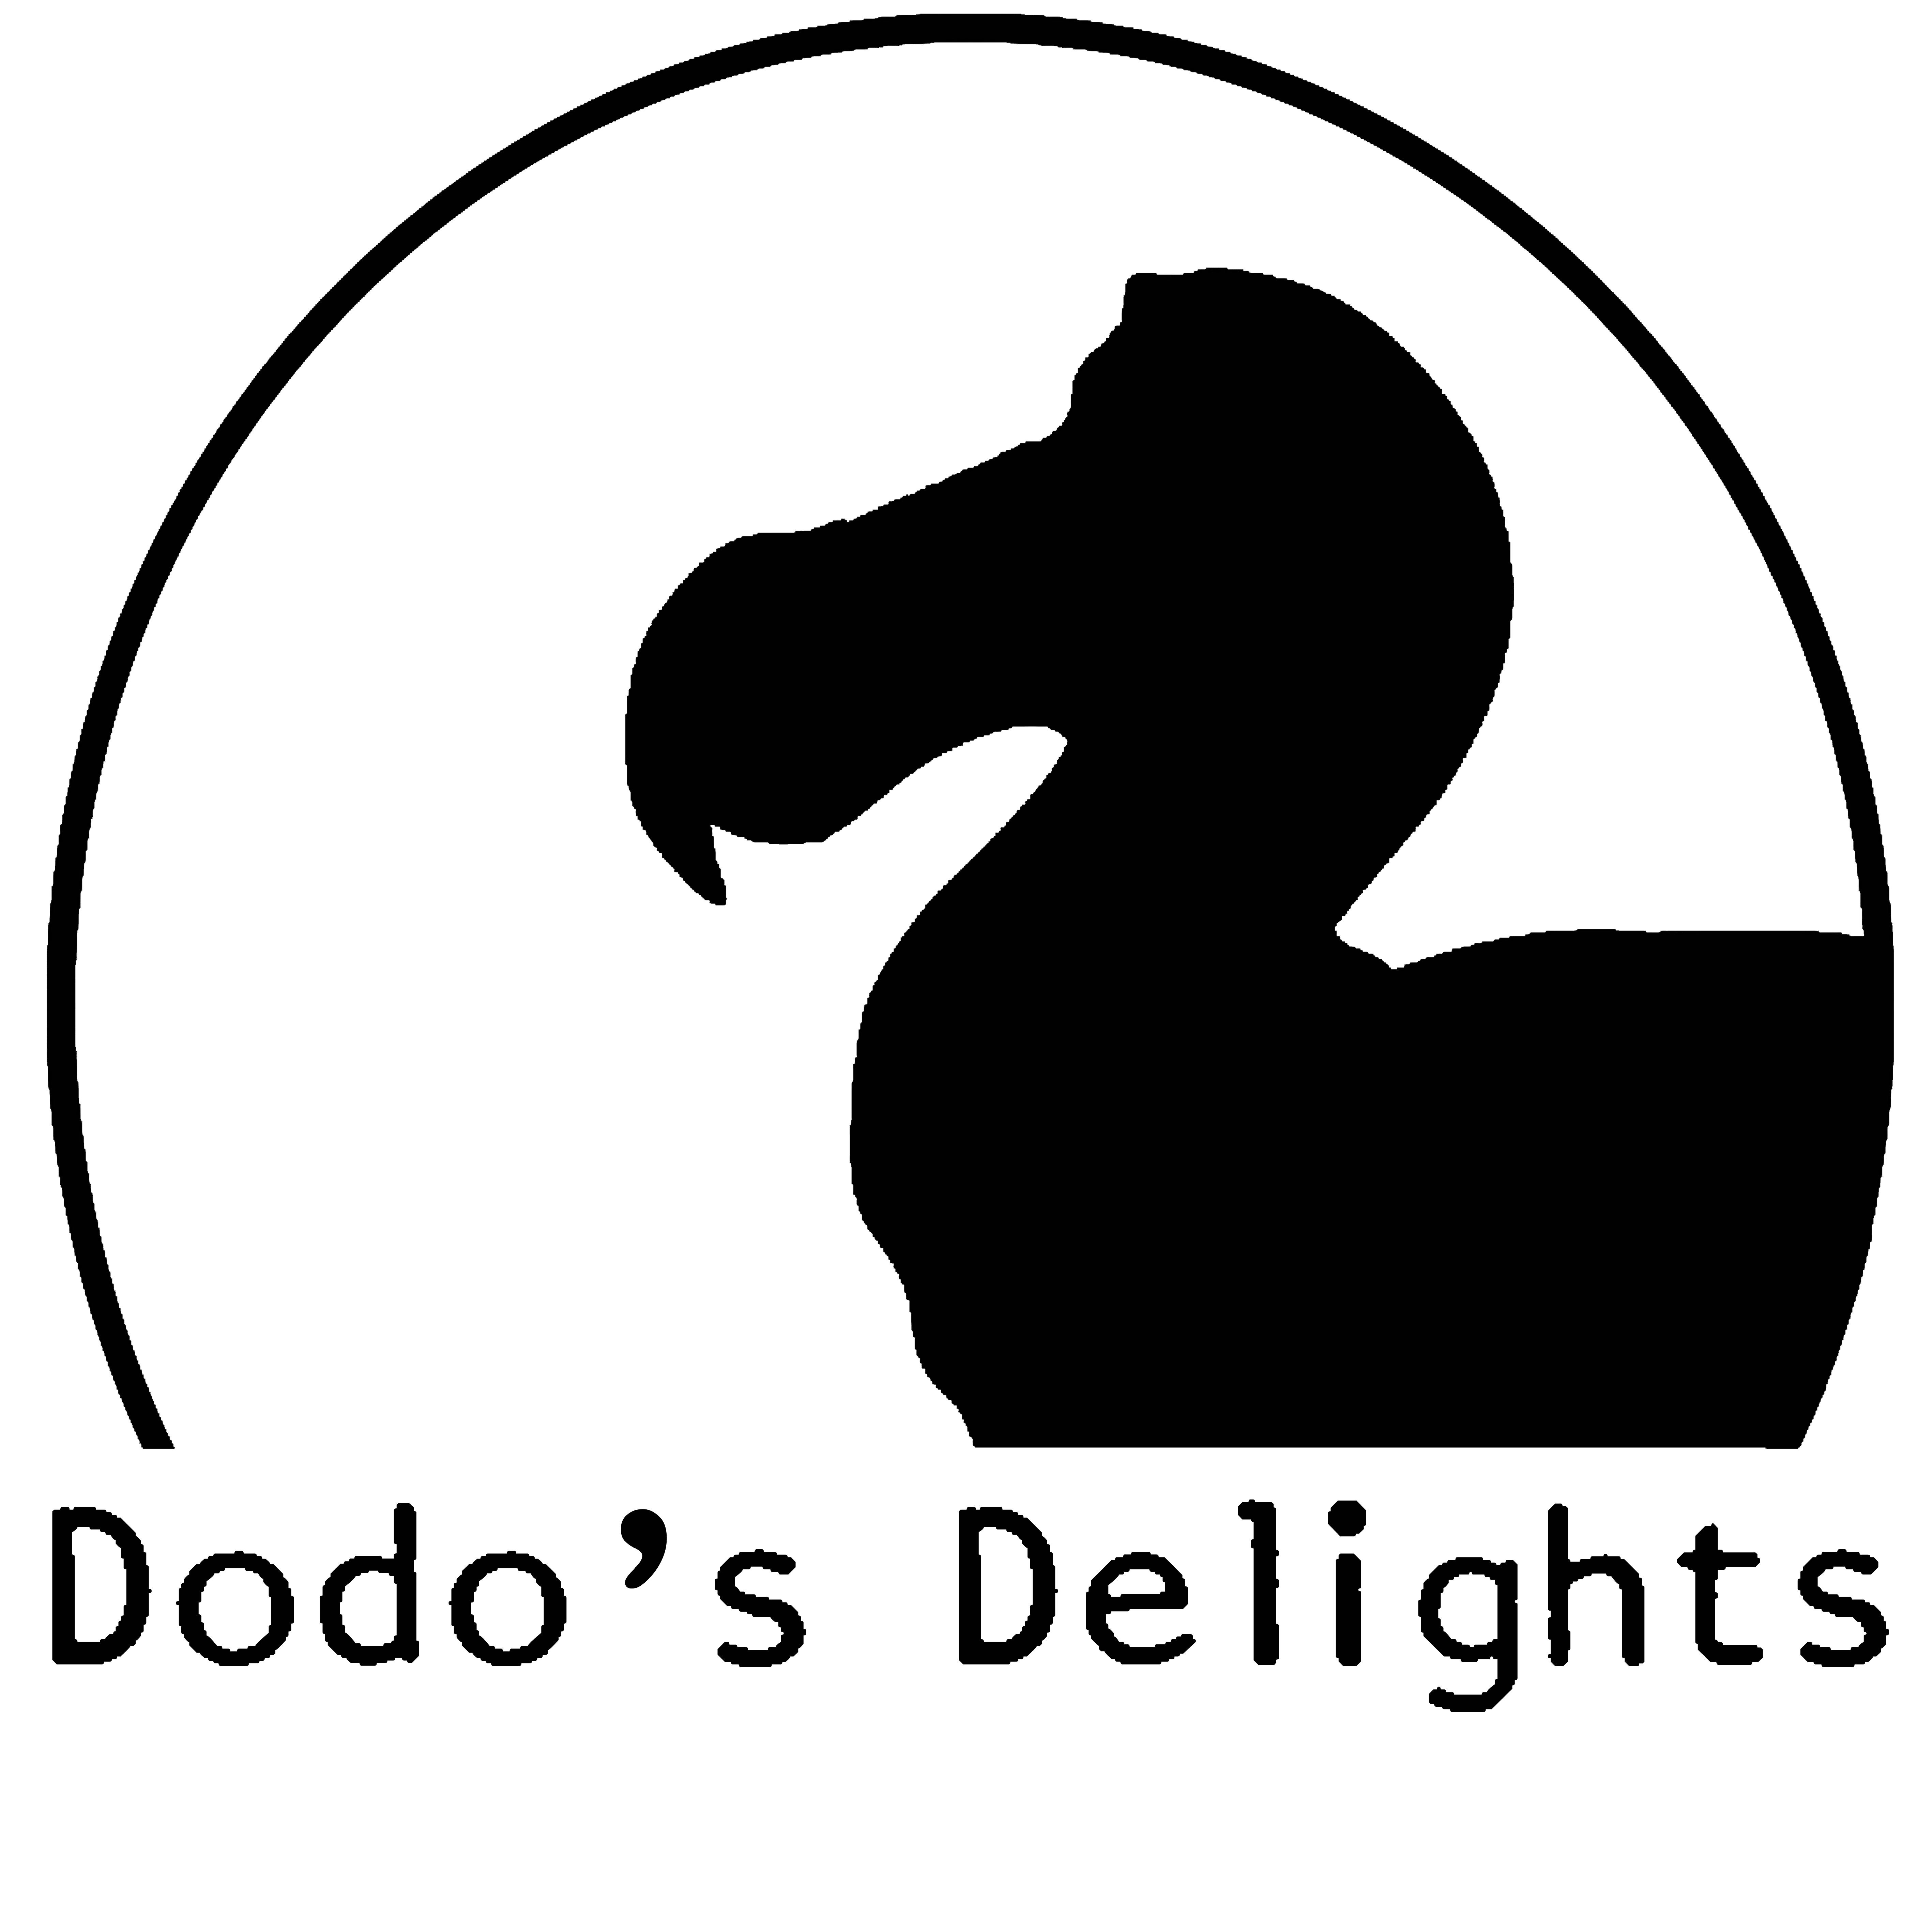 Dodos Delights